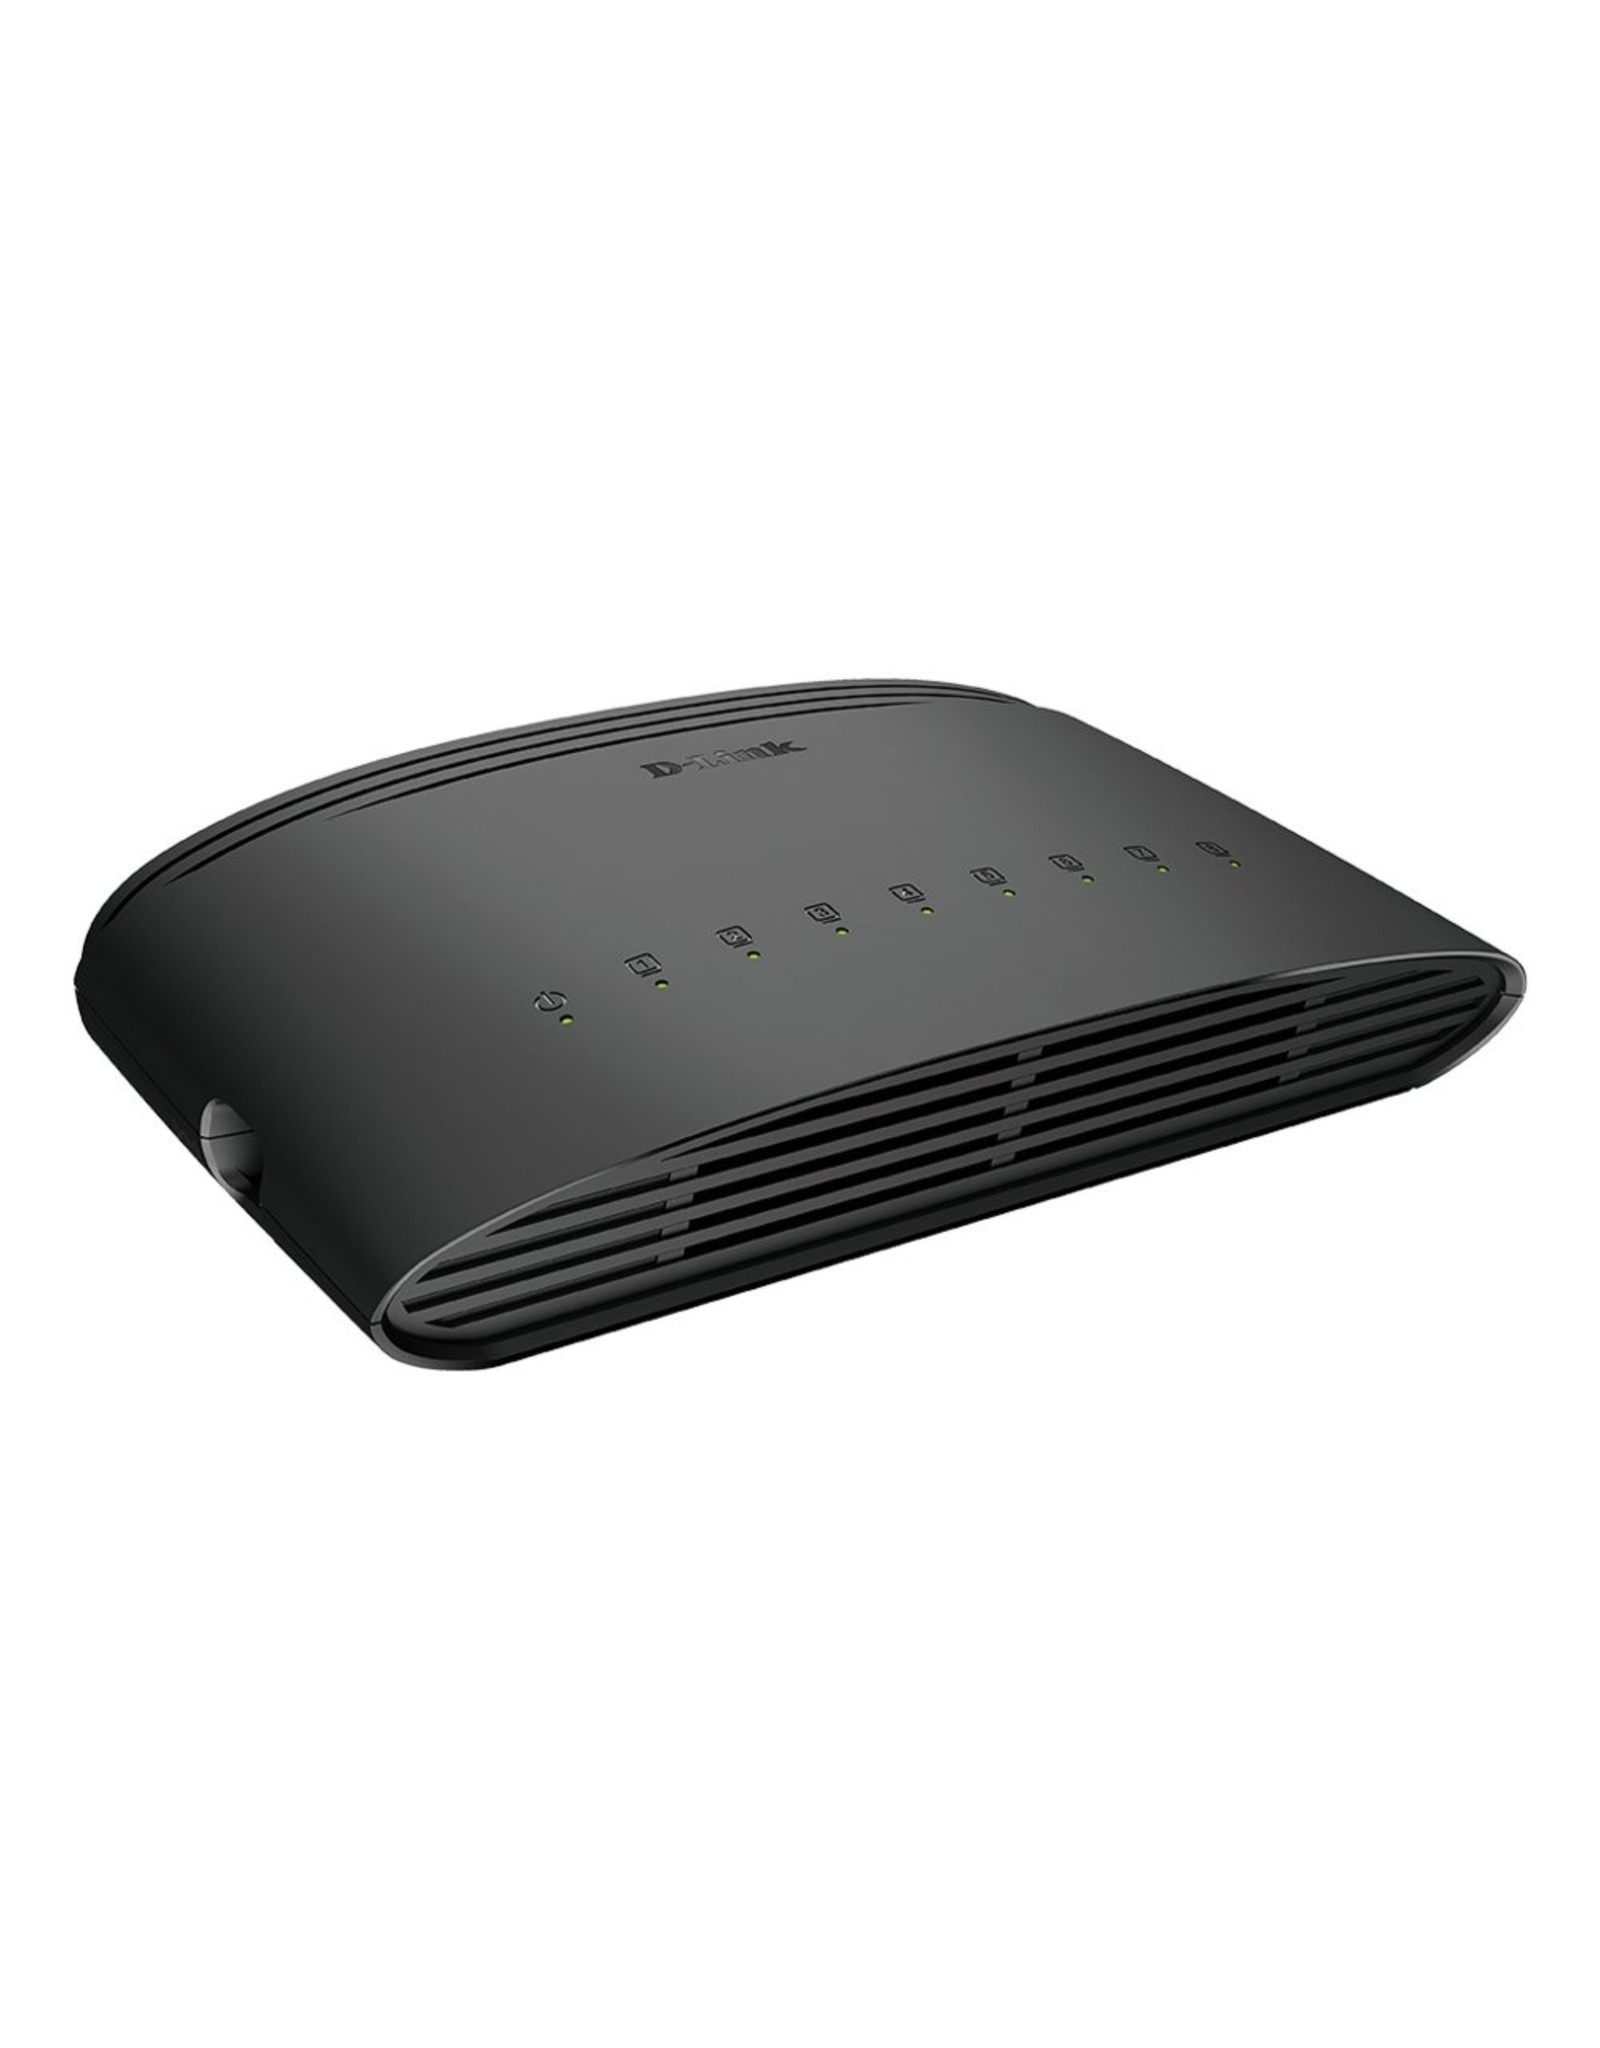 D-LINK D-Link 8-Port Gigabit Desktop Switch